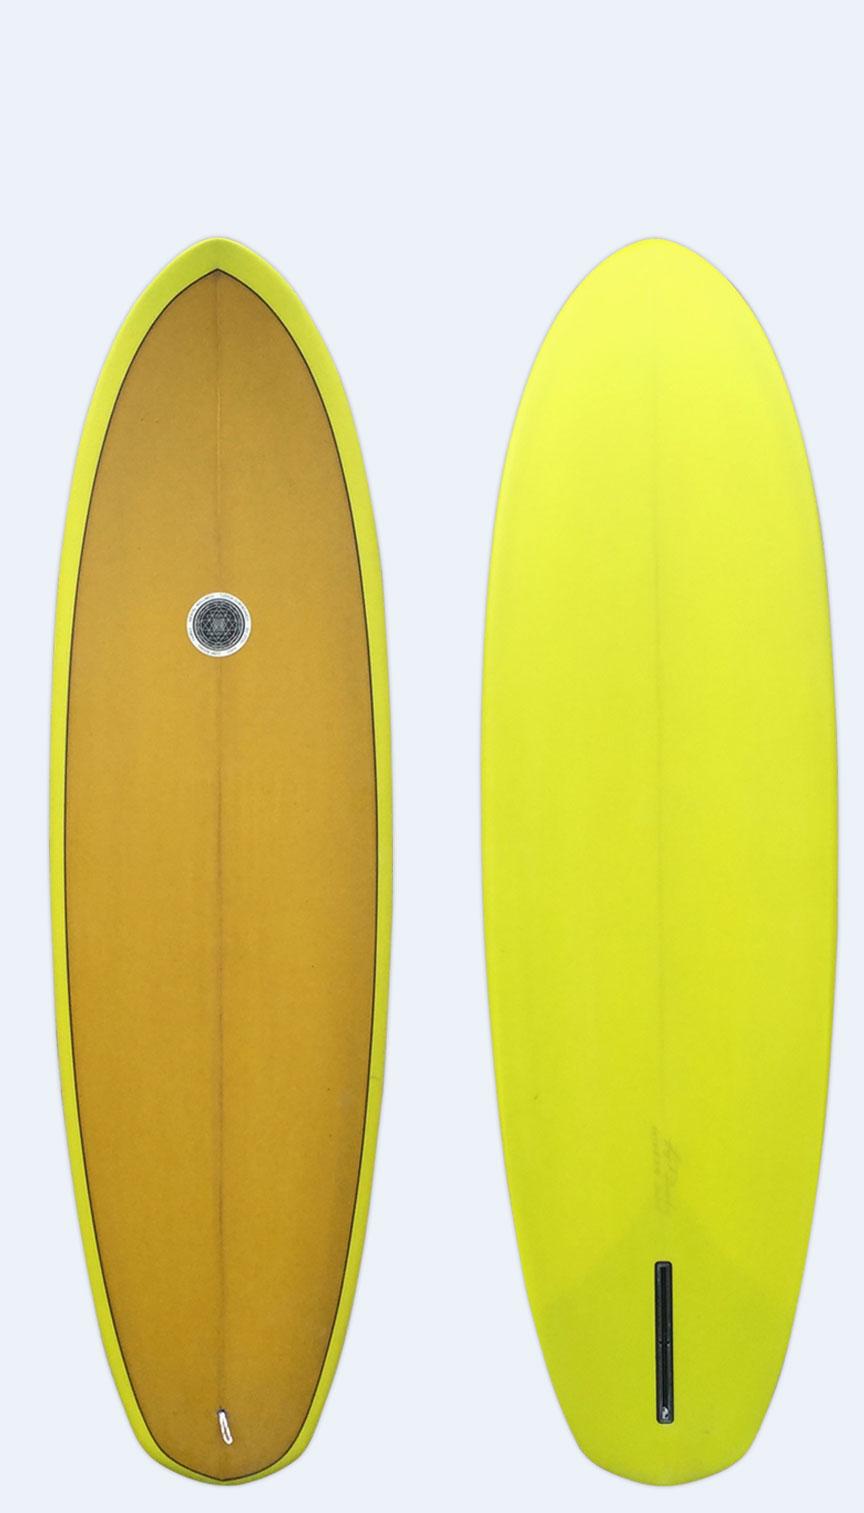 tudor-surfboards-archies-left